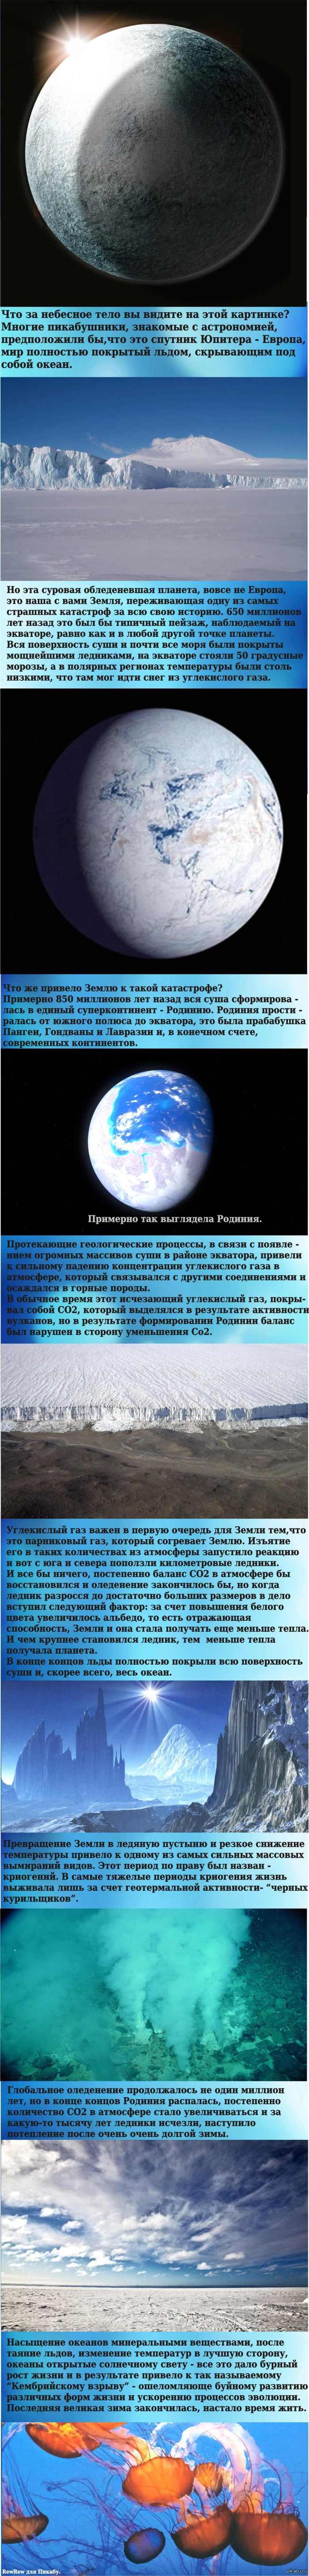 """Теория """"Земли - снежка"""" или великое оледенение, которое чуть не погубило планету. ОСТОРОЖНО ДЛИННОПОСТ!!!"""